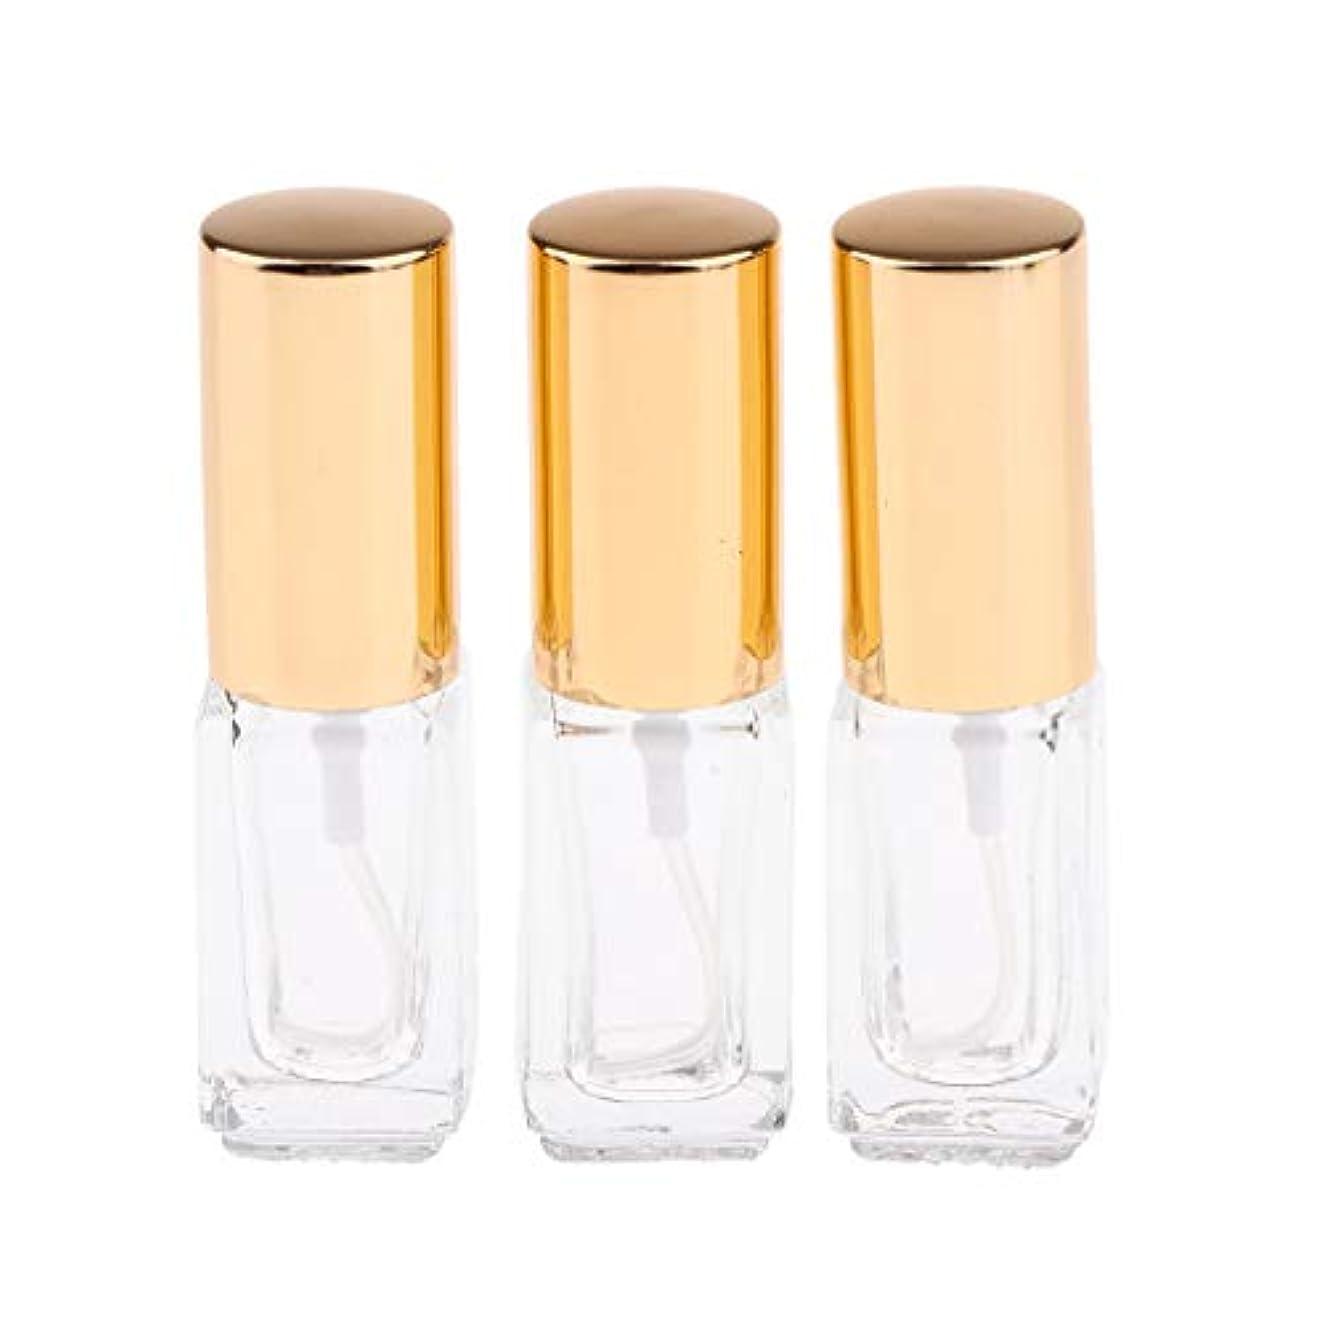 飛ぶ連合ミケランジェロSharplace 3ML スプレーボトル 香水アトマイザー ミストボトル 詰め替え 分け瓶 携帯用 3個セット 全3色 - ゴールドキャップ